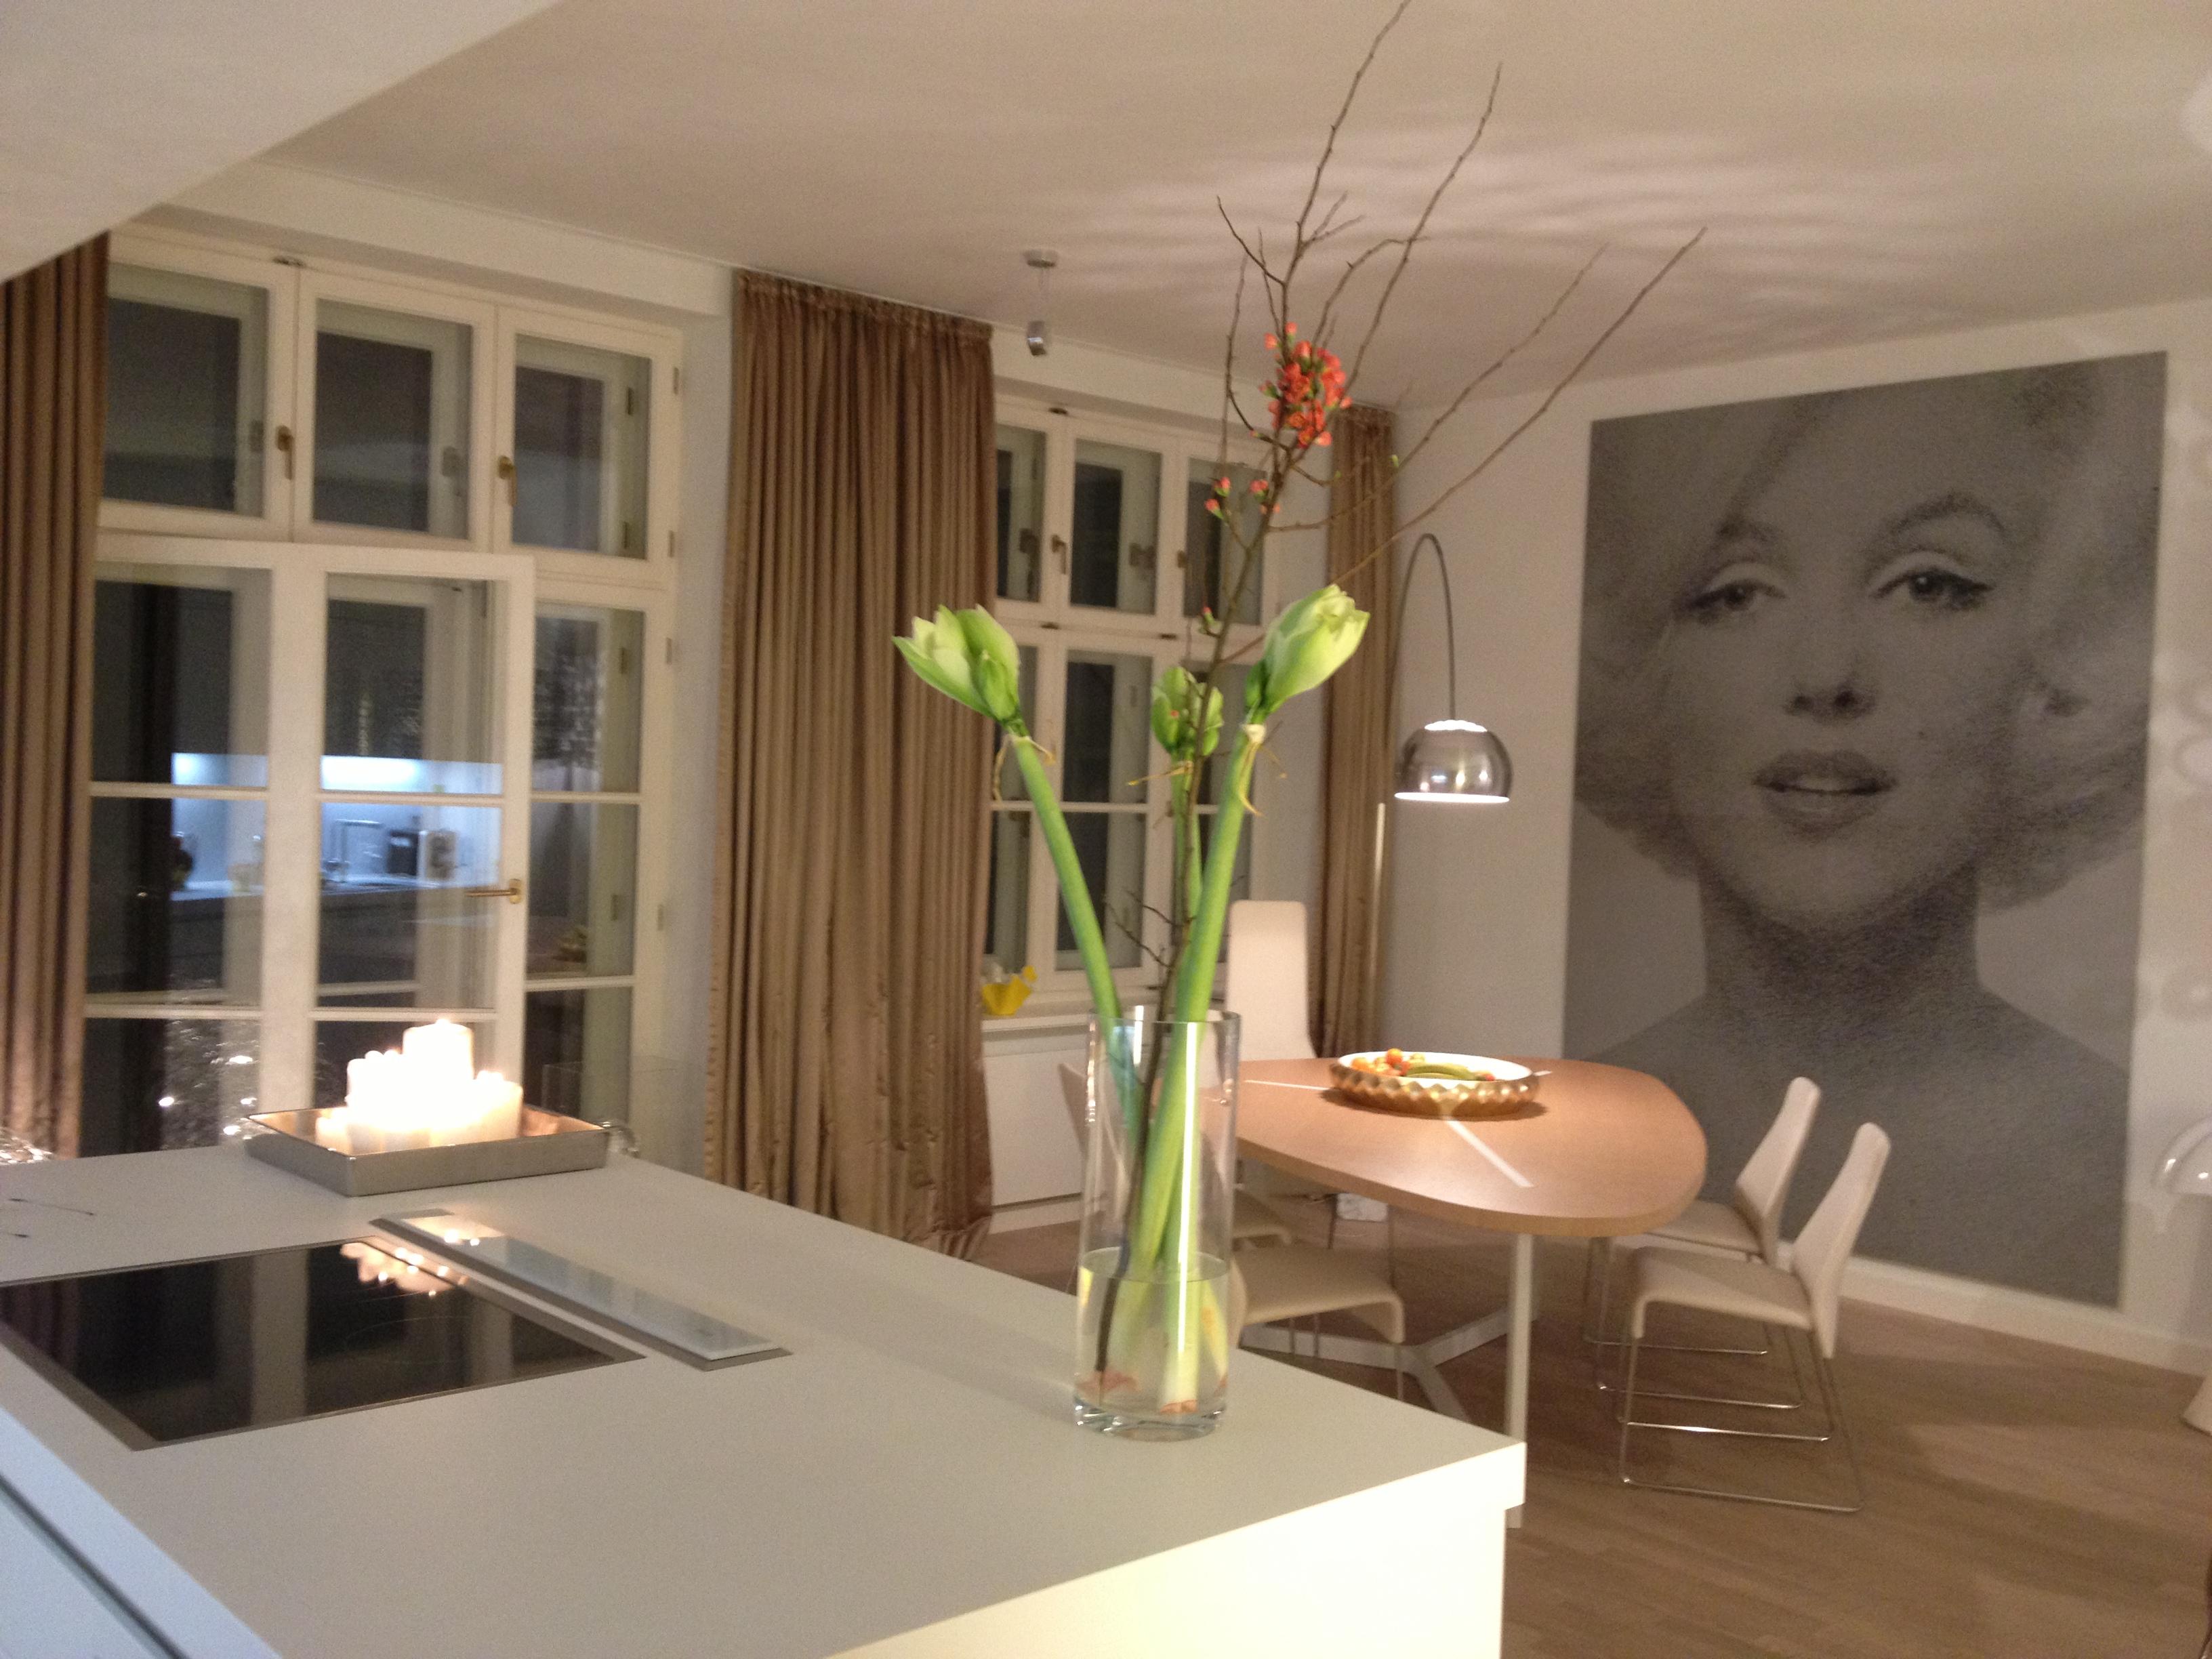 image gallery. Black Bedroom Furniture Sets. Home Design Ideas